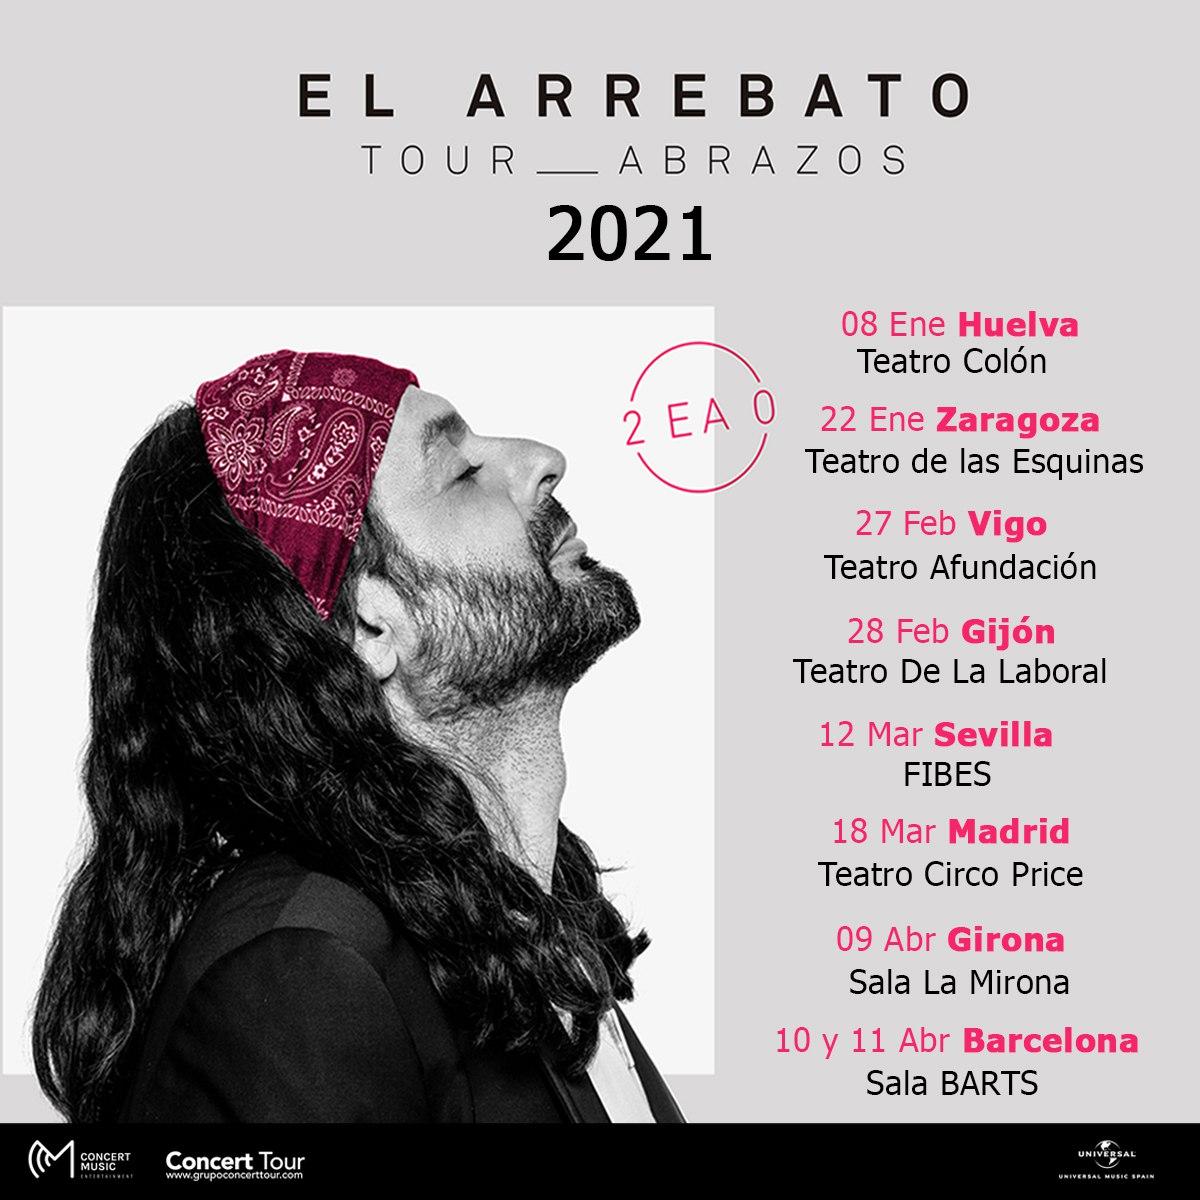 Nuevas fechas confirmadas de El Arrebato en 2021 para los conciertos aplazados de su Tour Abrazos: Vigo, Gijón, Sevilla, Madrid, Girona y Barcelona